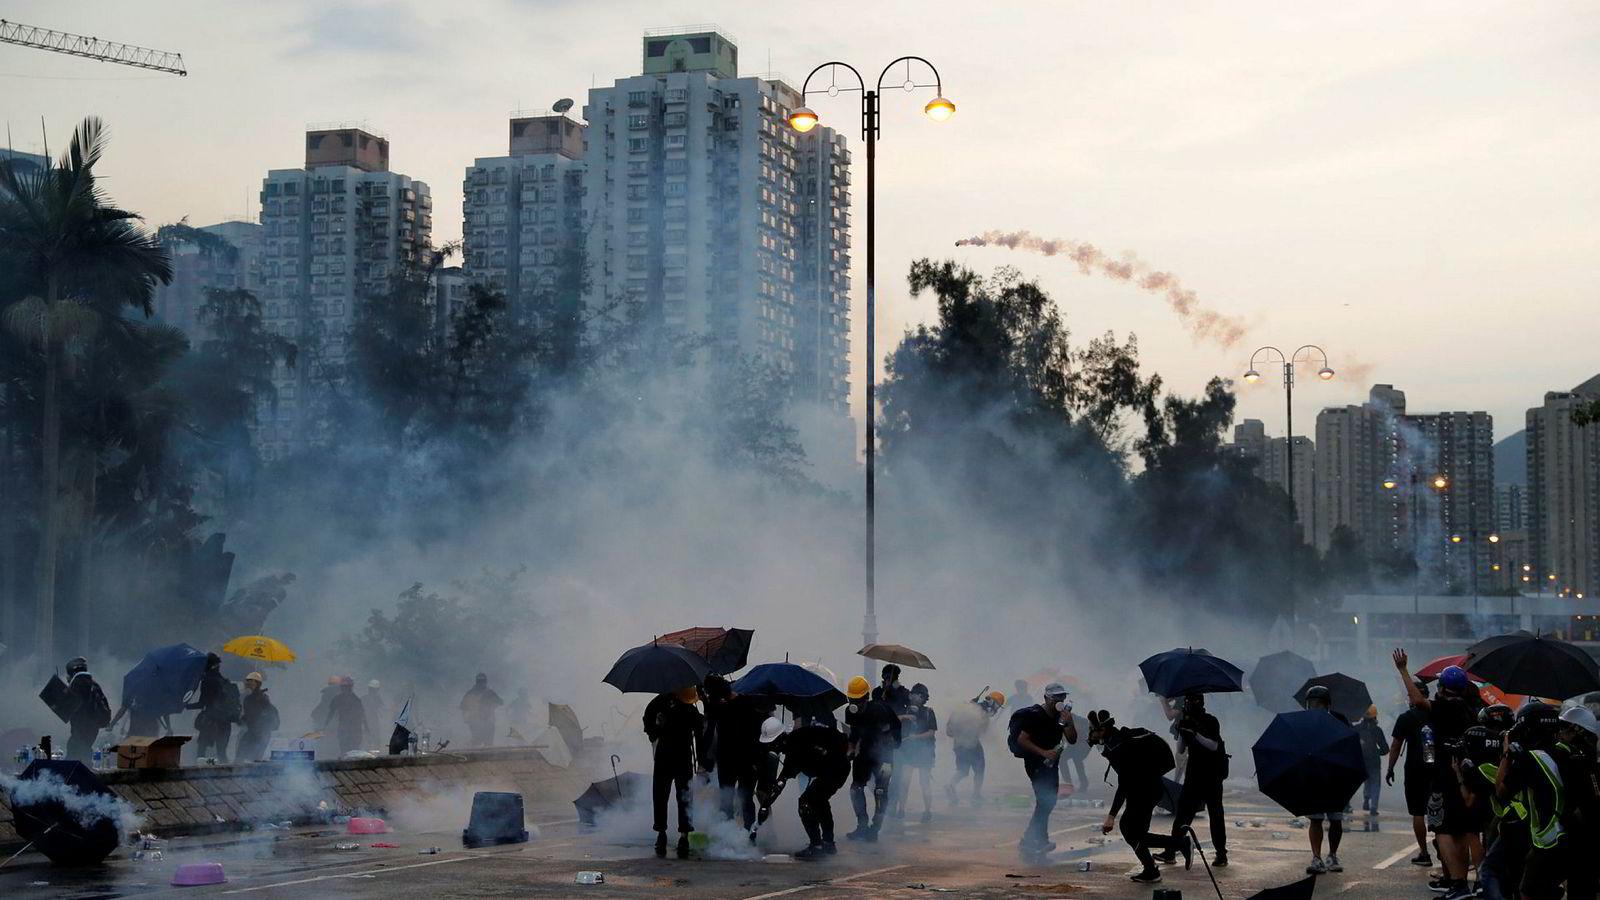 Kina advarer USA om å blande seg inn i Hongkong.